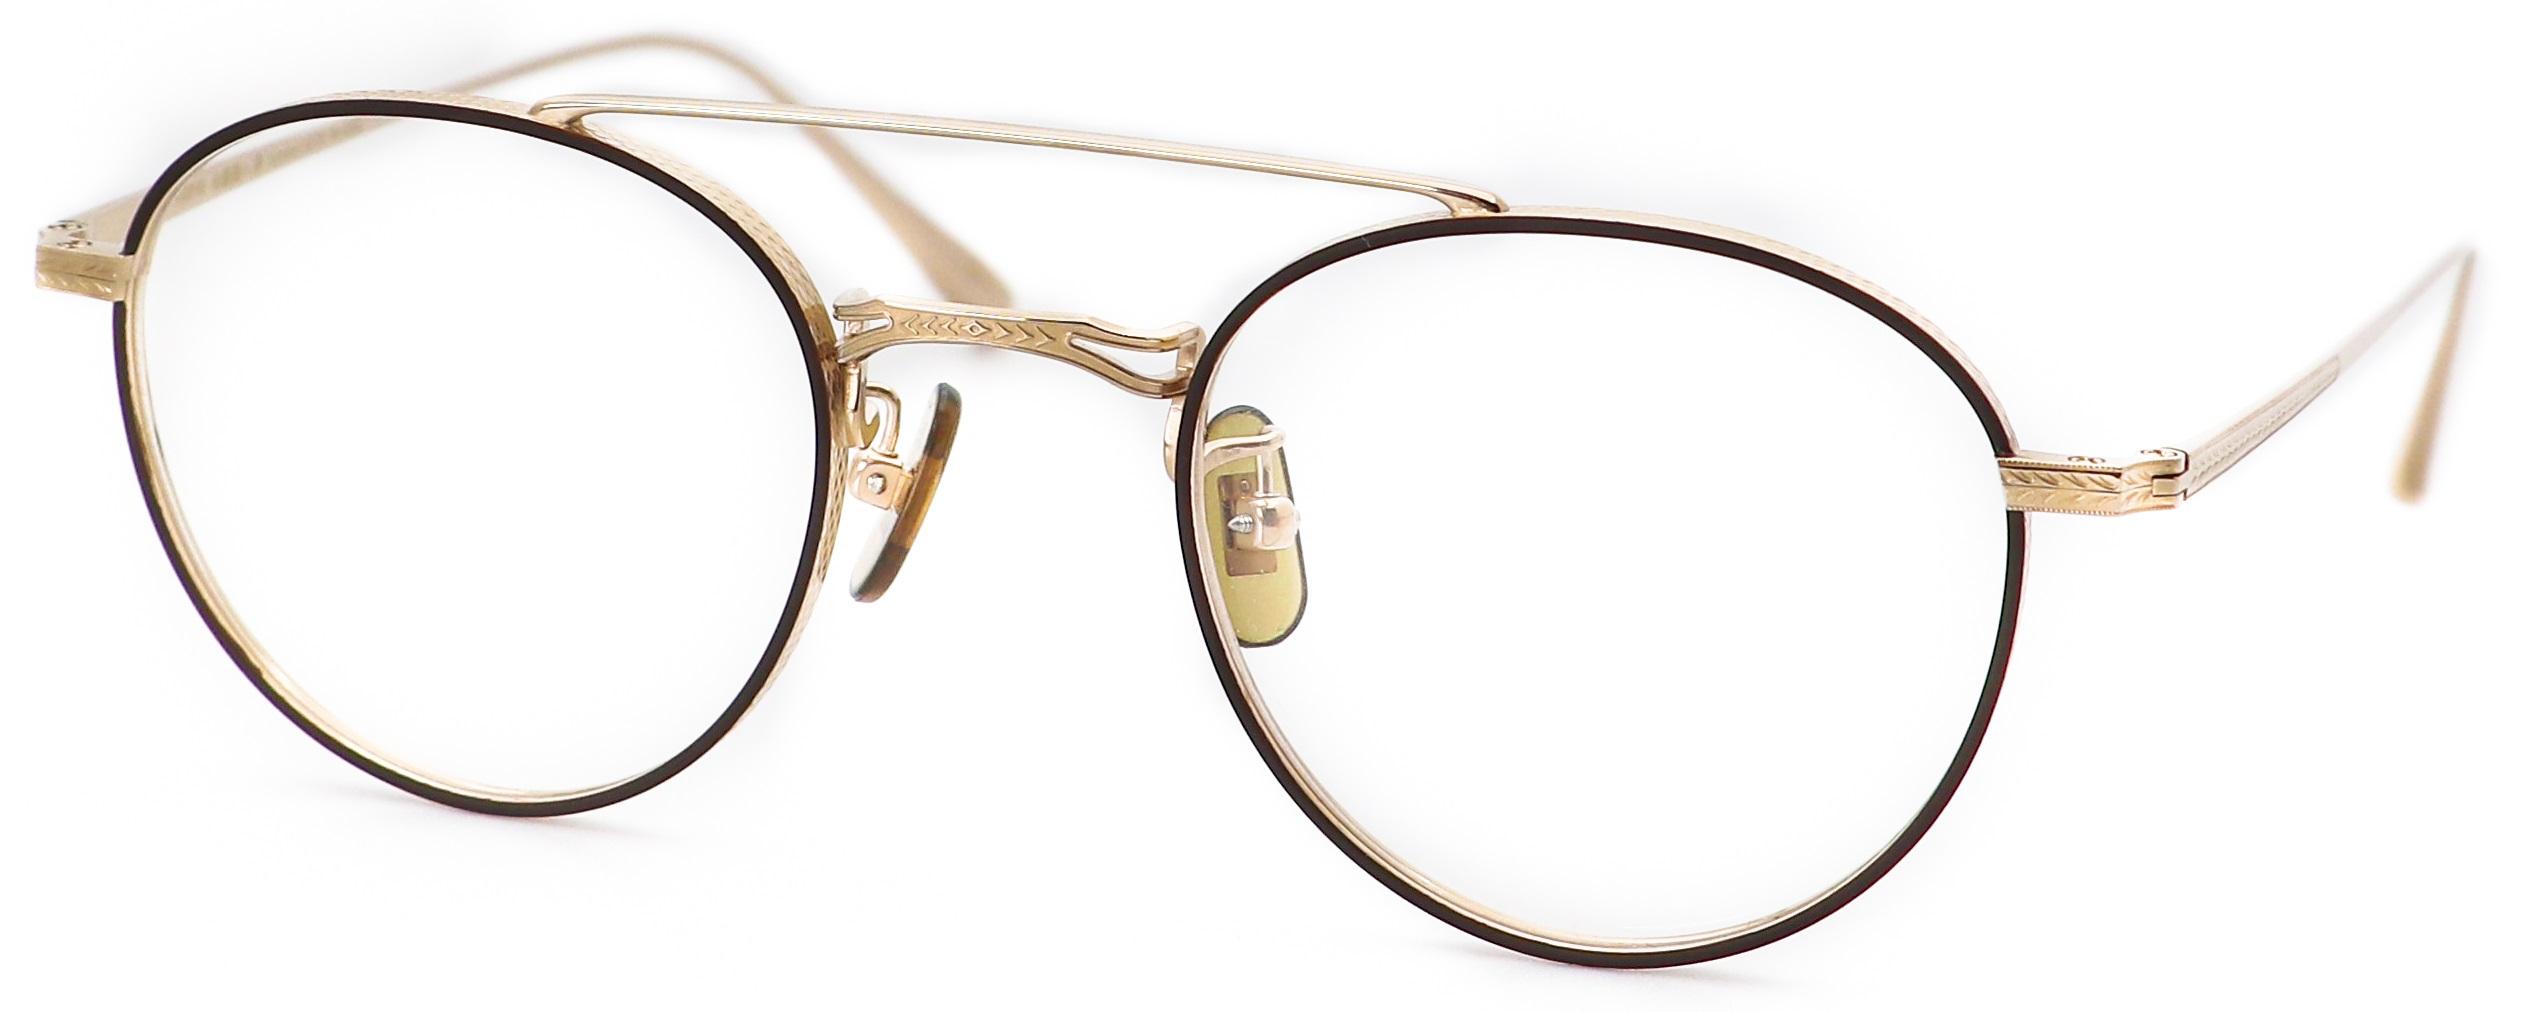 眼鏡のカラータイプC-1 Brown-Matt/Gold